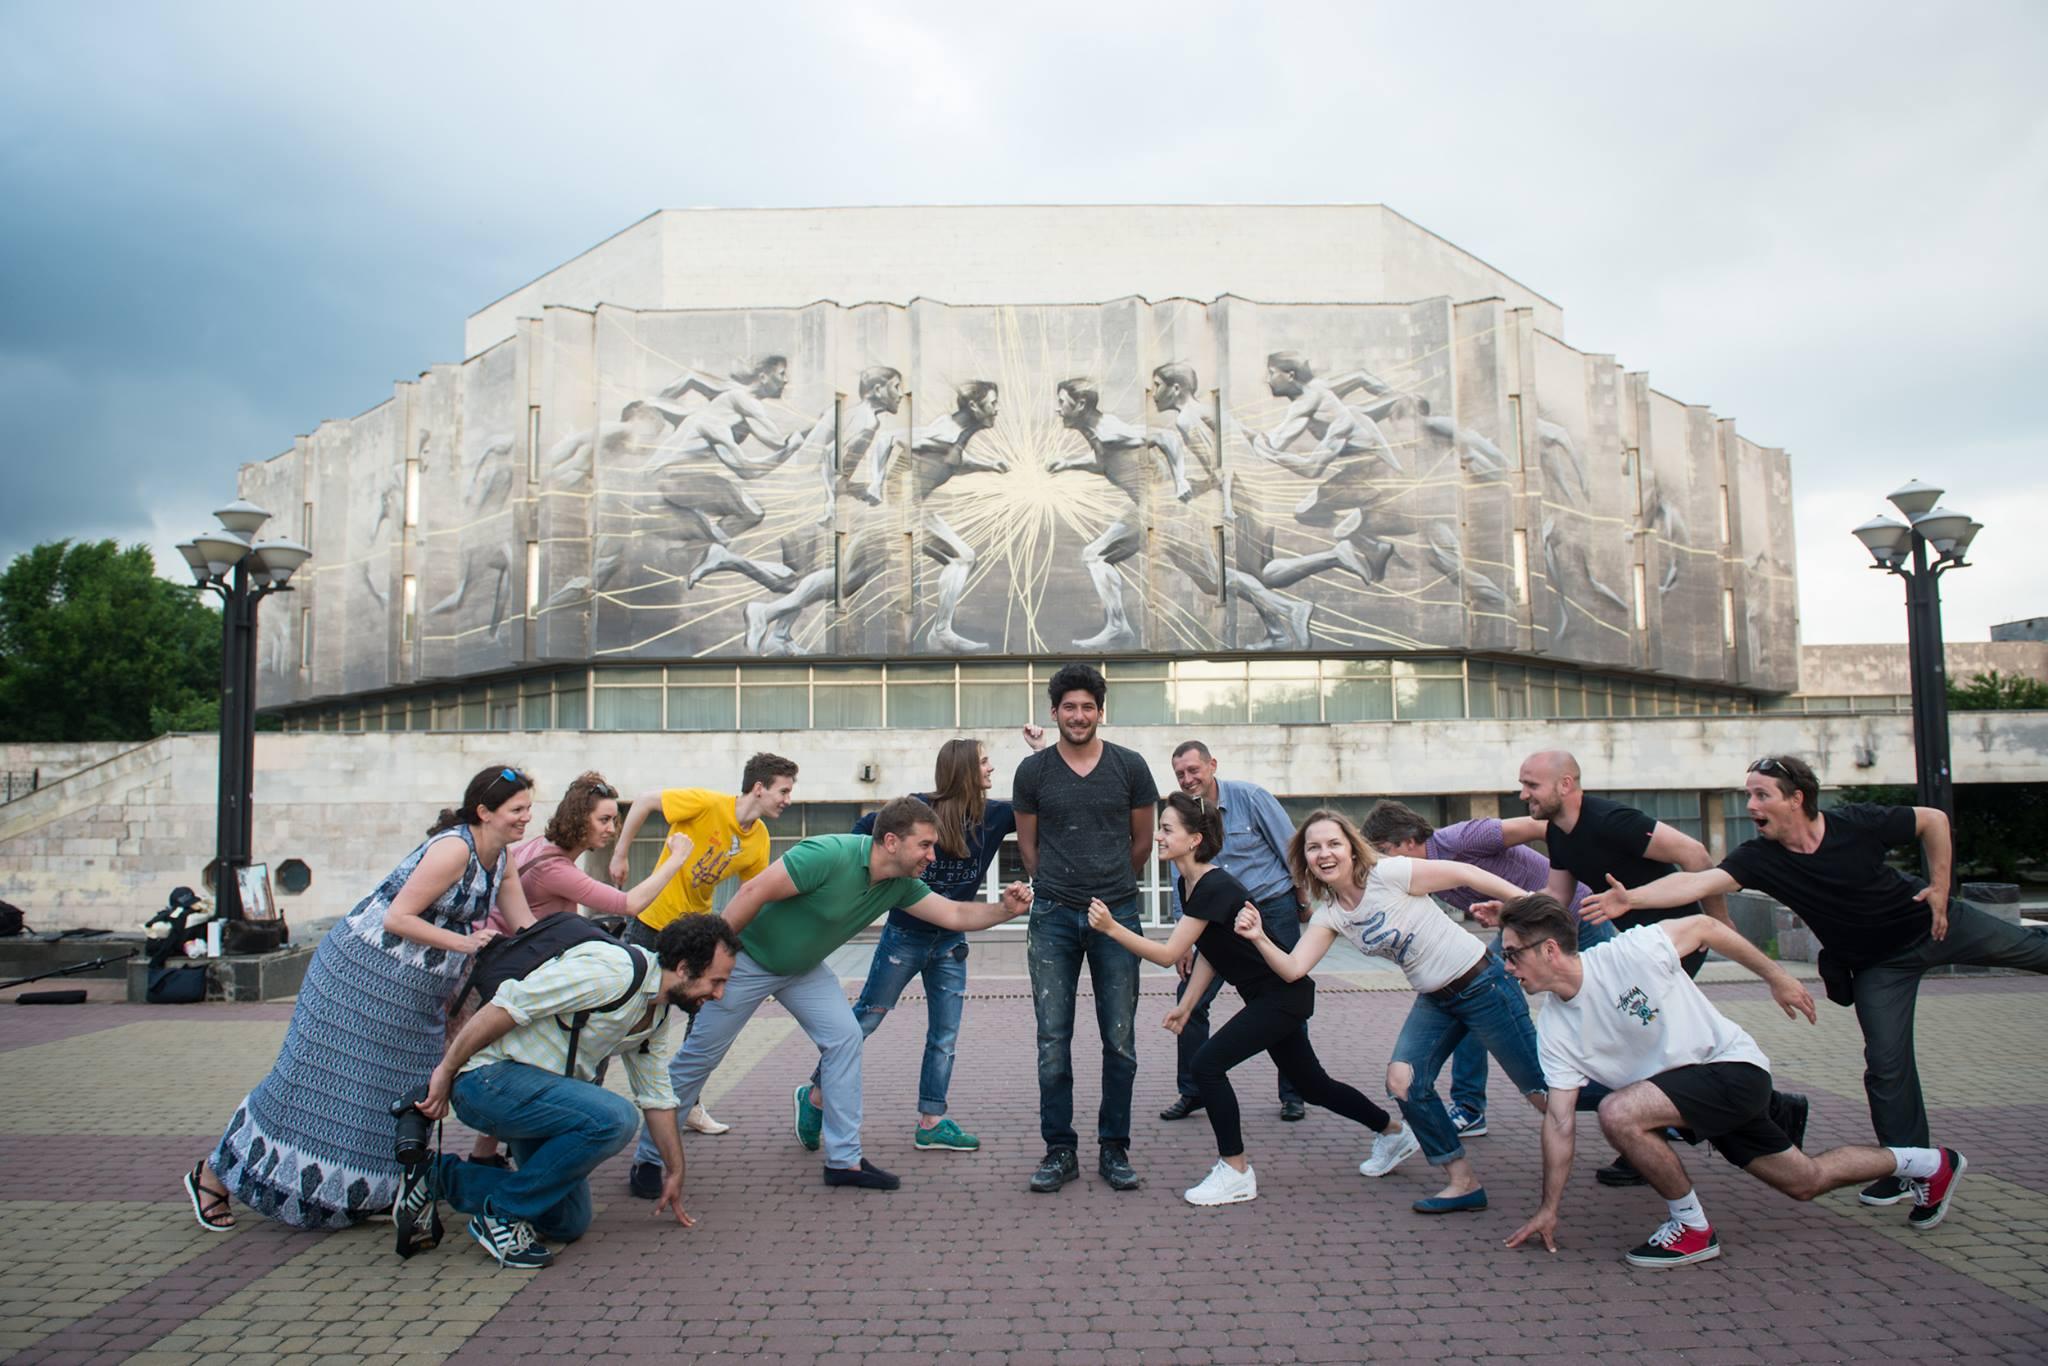 """Канадський стріт-артист Лі-Хілл розписав Центр культури та мистецтв """"КПІ"""" - фото 2"""